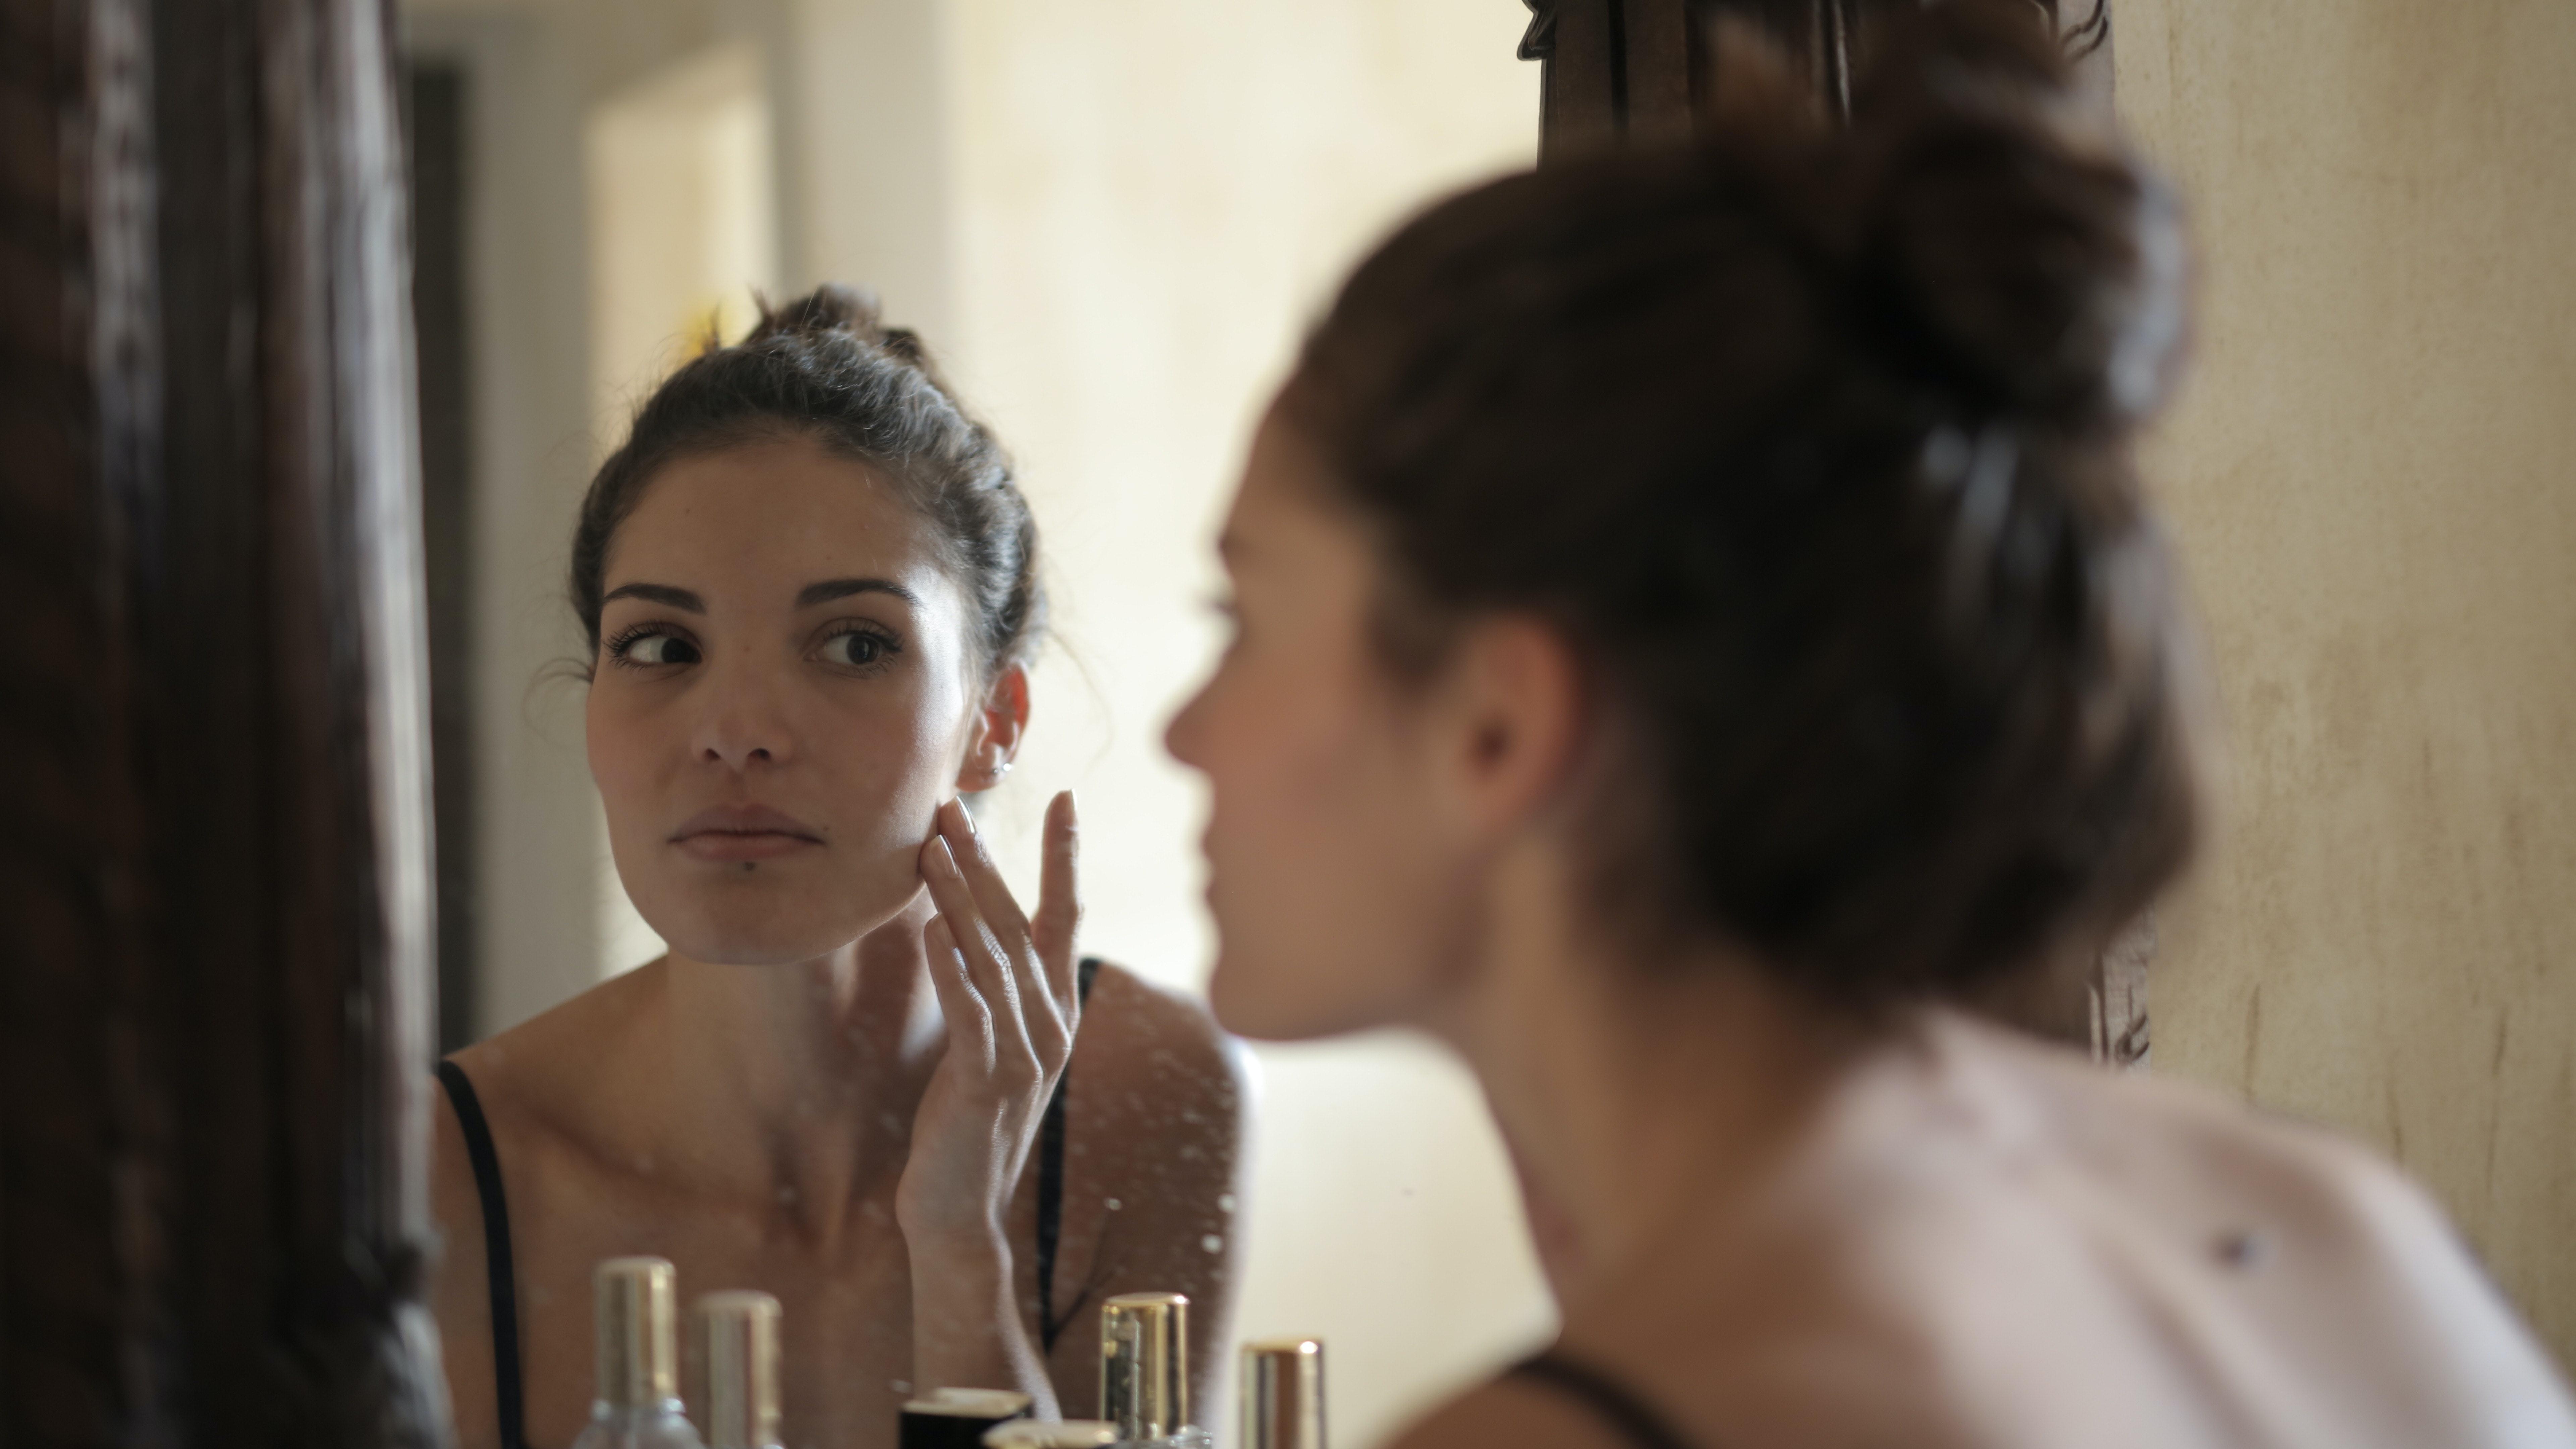 Weiße Mitesser mit einer guten Gesichtspflege bekämpfen